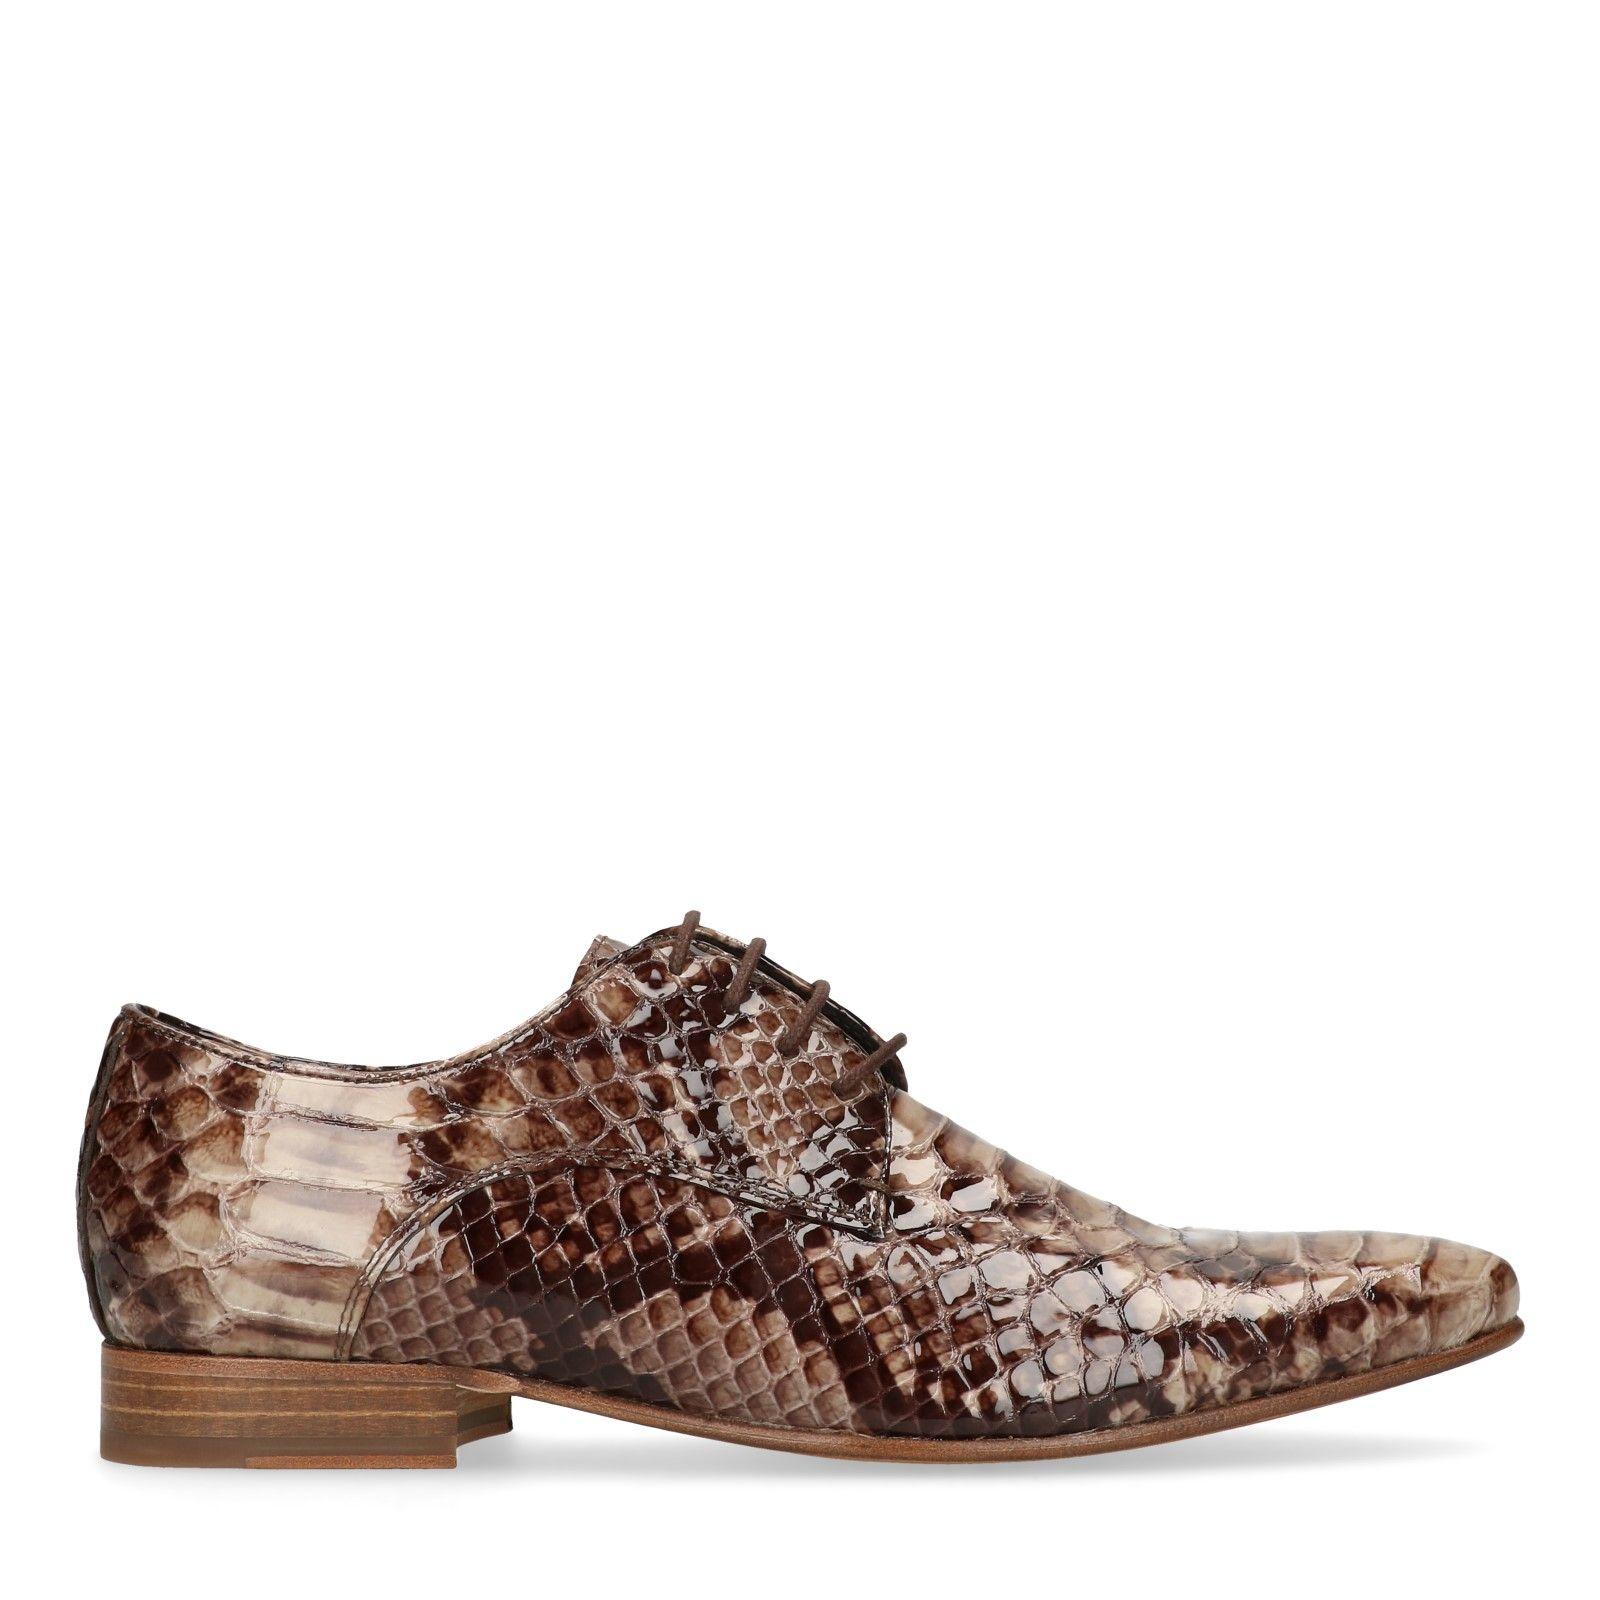 Hommes Chaussures serpent verni à lacets cuir marron imprimé BwxwzO0qR